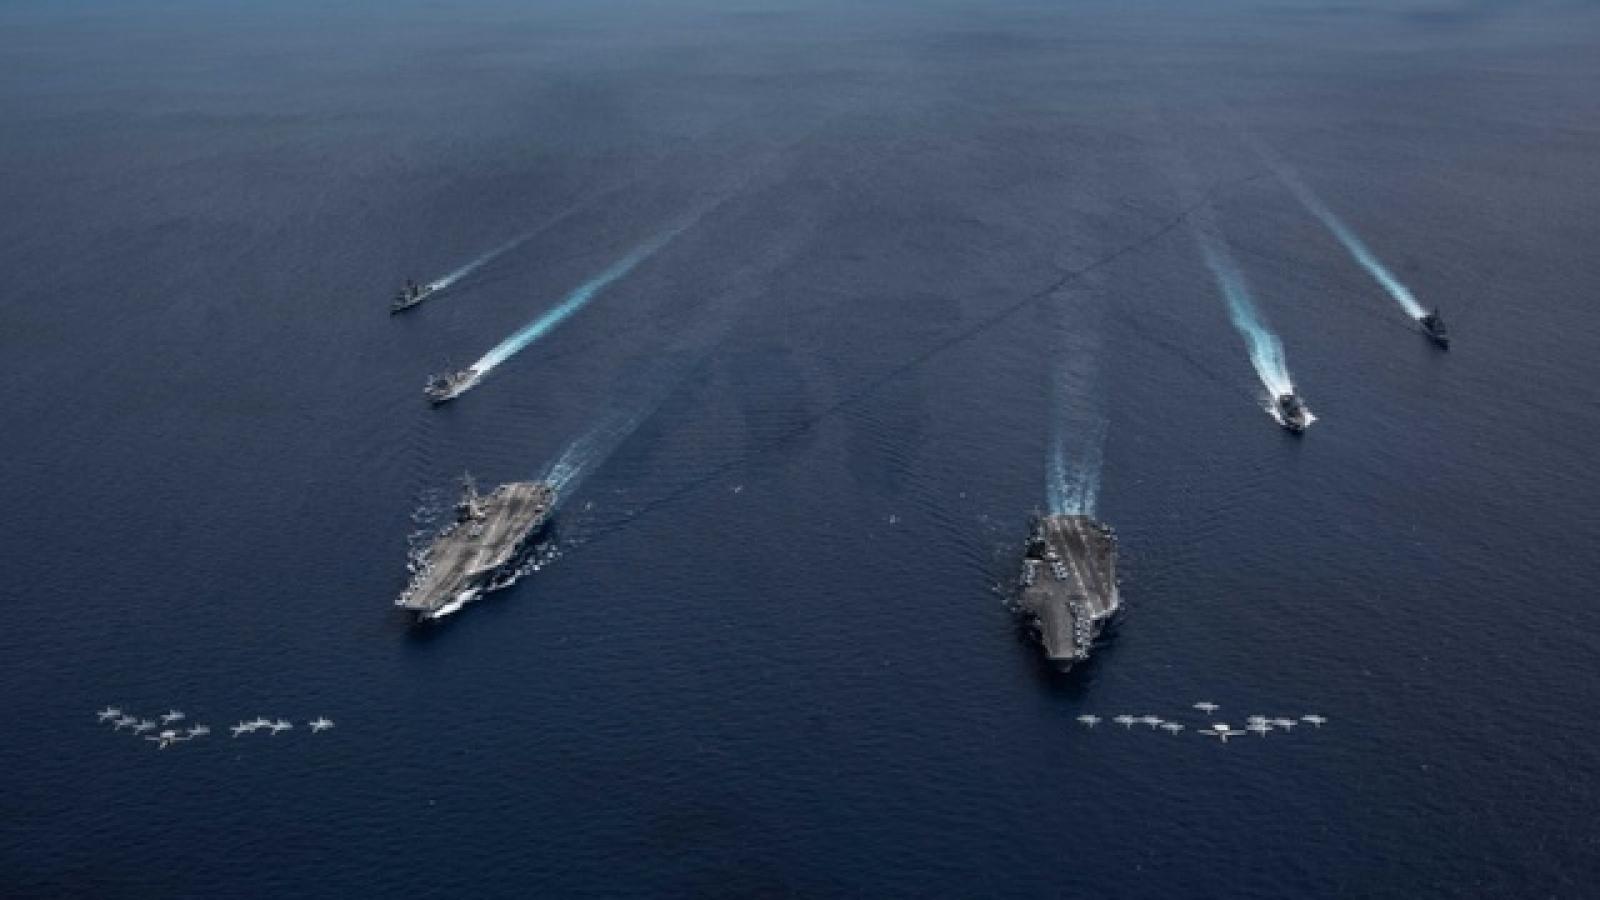 Lưỡng viện Mỹ bác bỏ yêu sách phi pháp của Trung Quốc ở Biển Đông